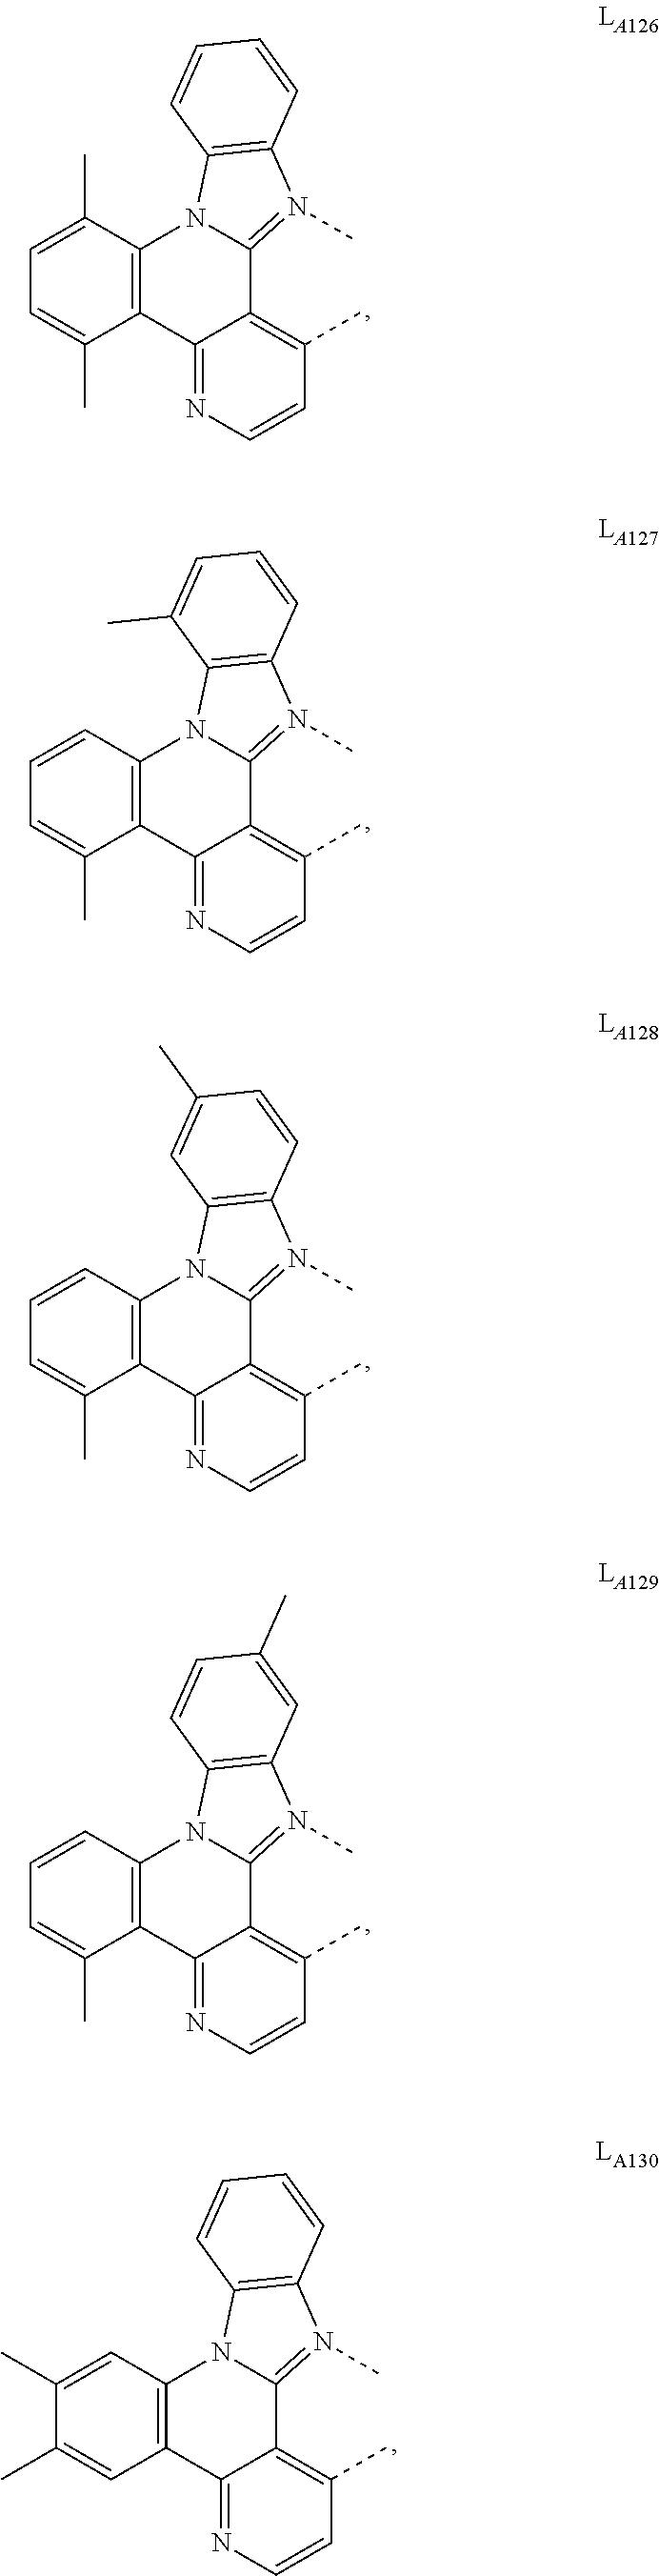 Figure US09905785-20180227-C00054